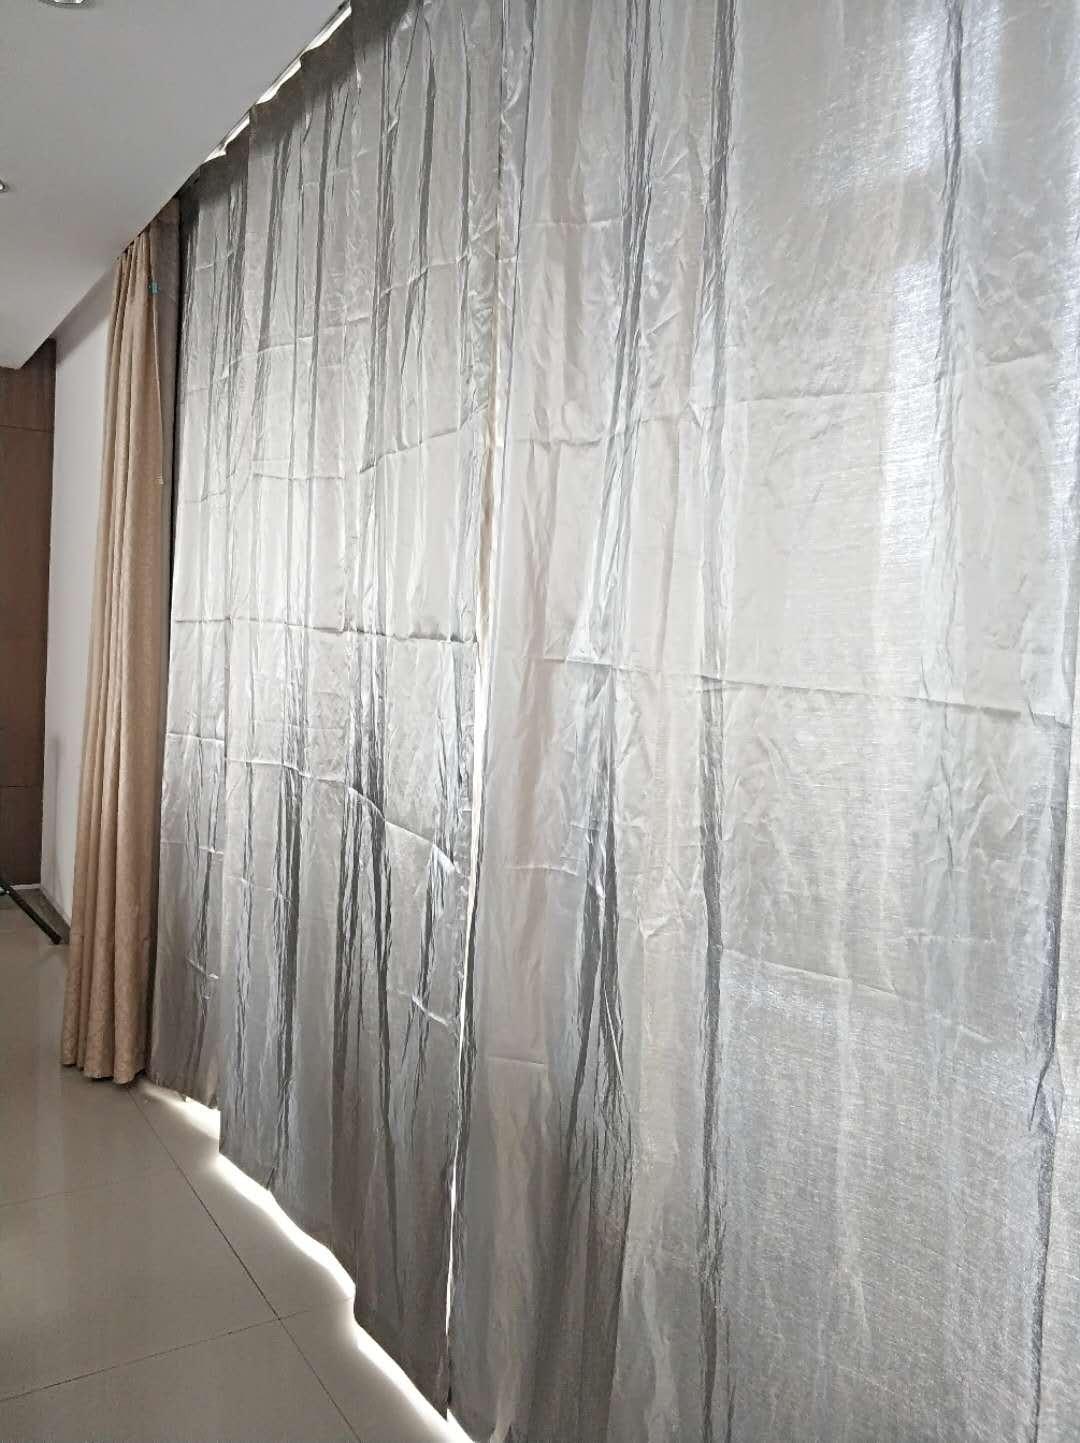 防信息泄漏抗电磁干扰防高频辐射屏蔽窗帘 5